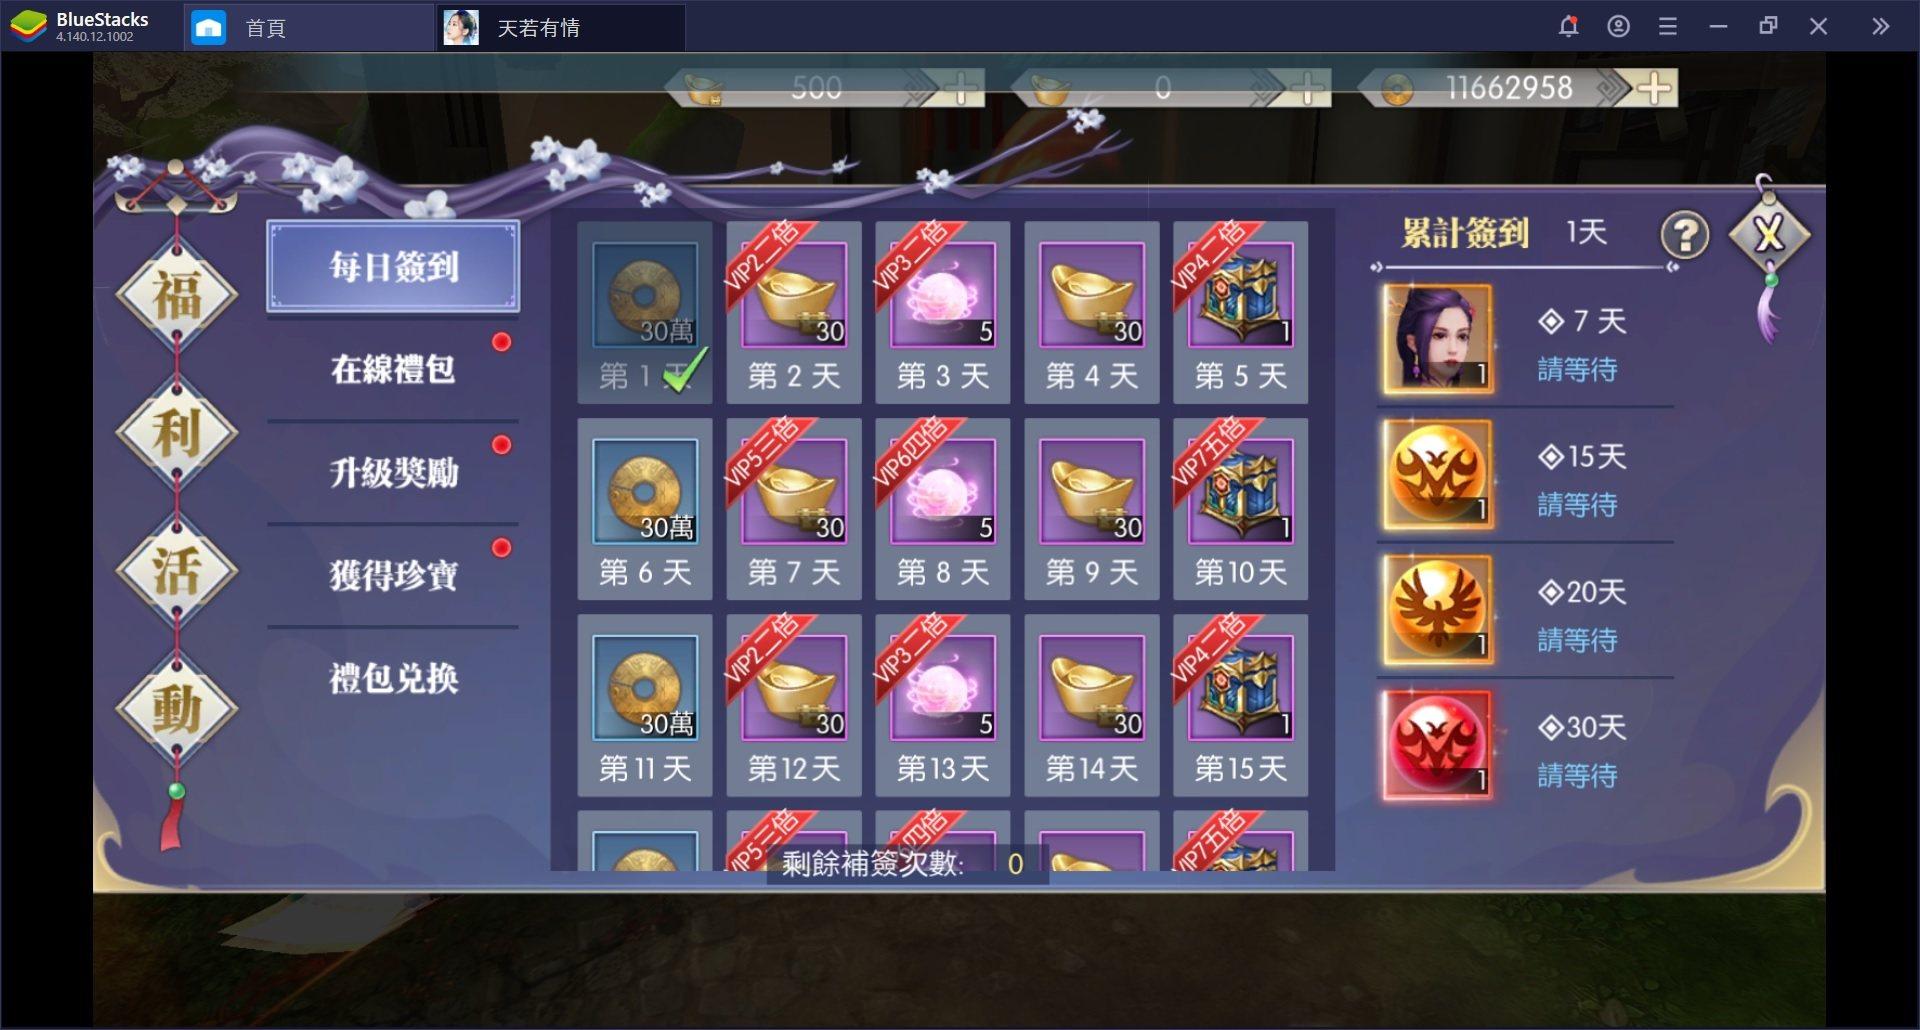 使用BlueStacks在電腦上體驗3D武俠MMORPG手游《天若有情》